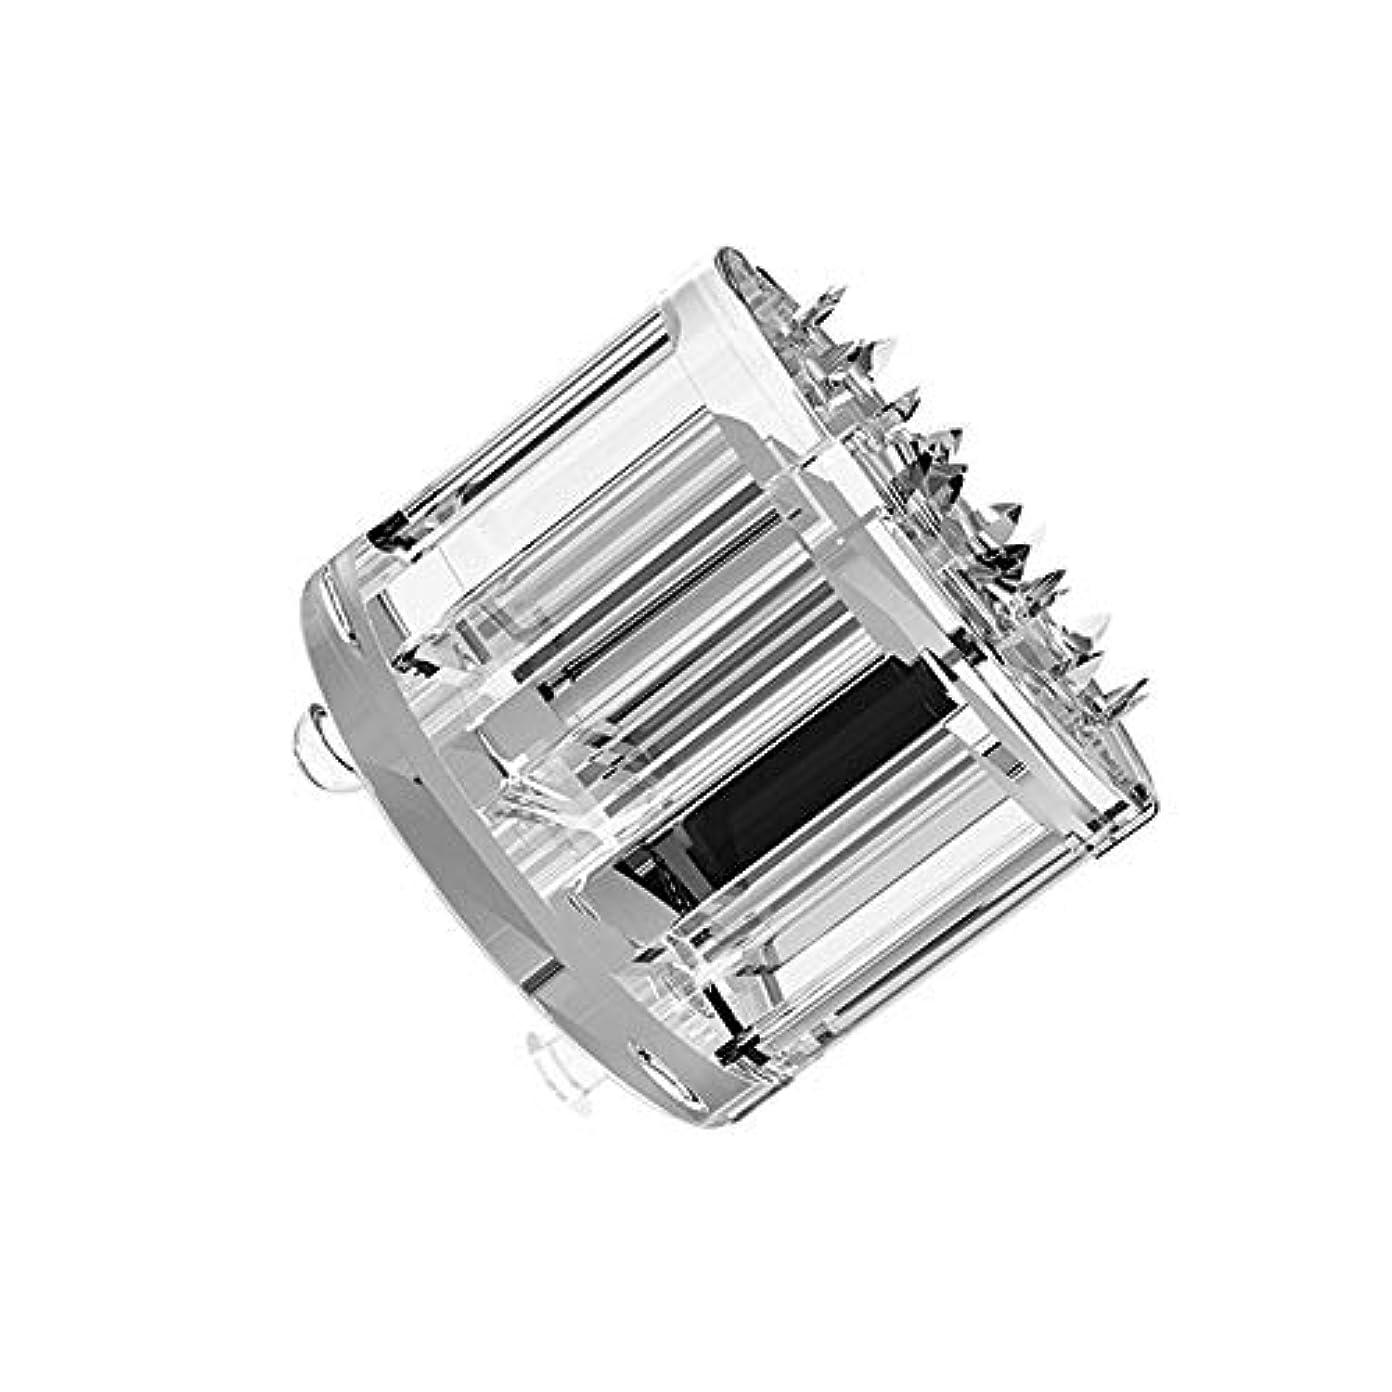 迷信服を着る散るMTS Home Care Micro pin-10ea (ticktok用) ティク ホームケア マイクロピン 化粧品の浸透 コラーゲン 肌の弾力 アップ マイクロピン 毛穴や小じわ 角質ケア